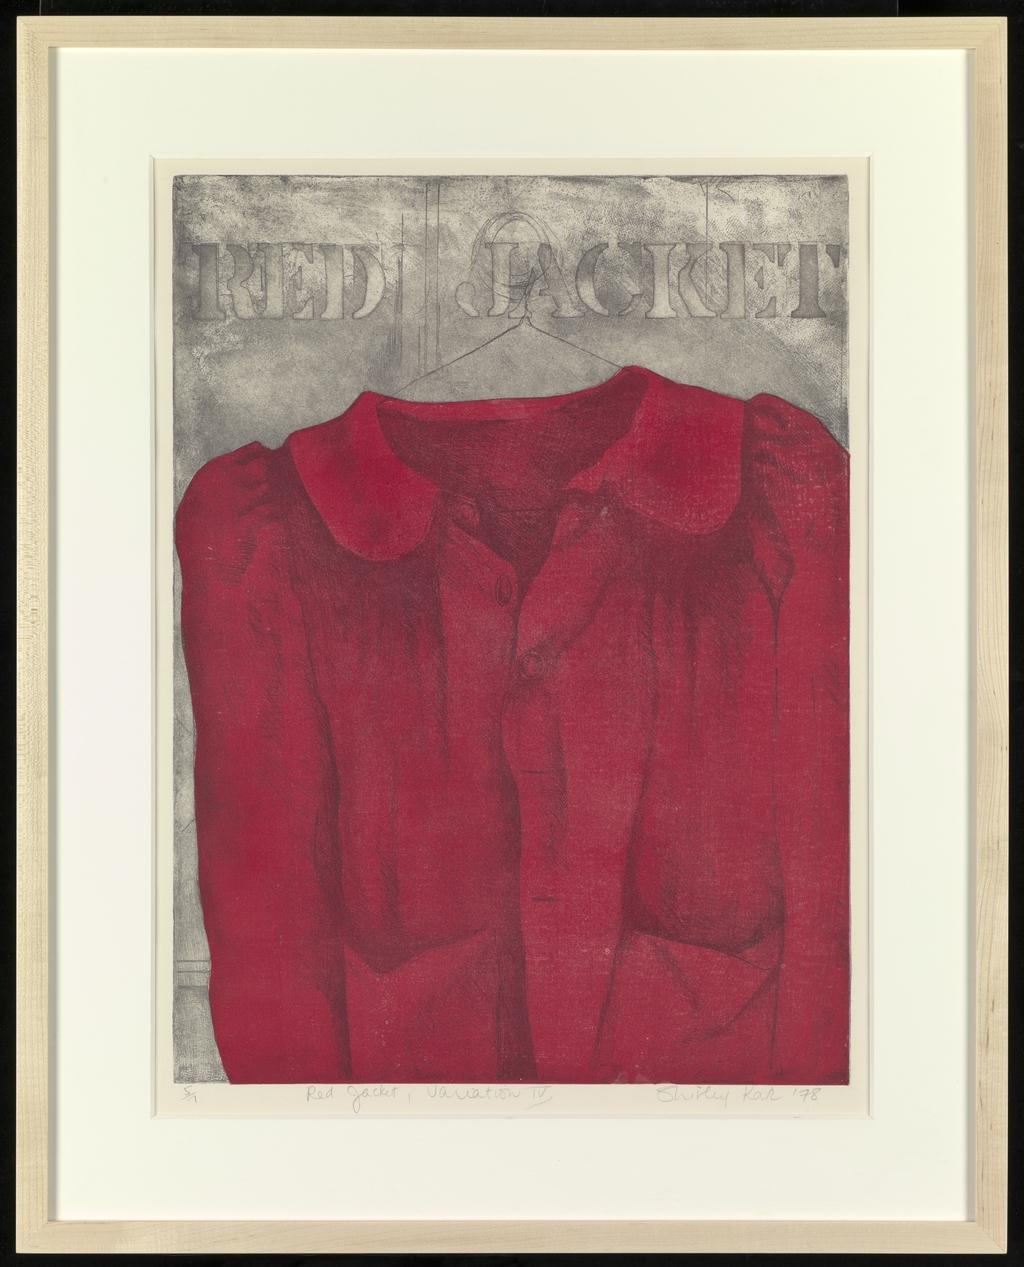 Red Jacket, variation IV